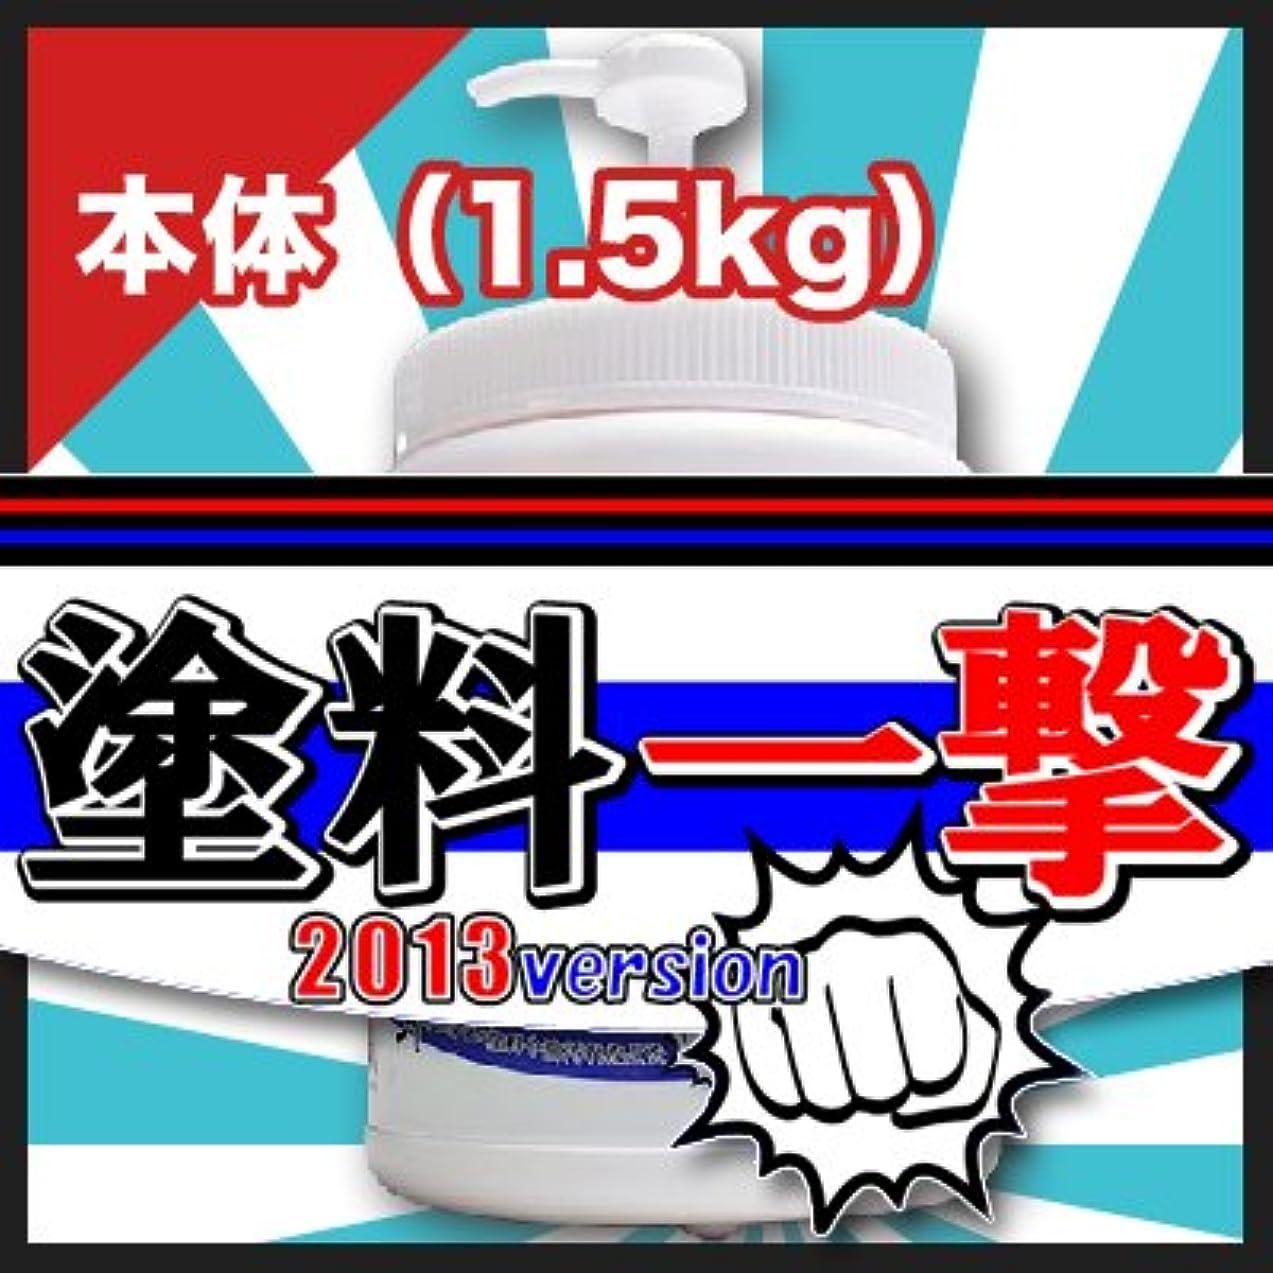 クレジット無実微妙D.Iプランニング 塗料一撃 2013 Version 本体 (1.5kg)